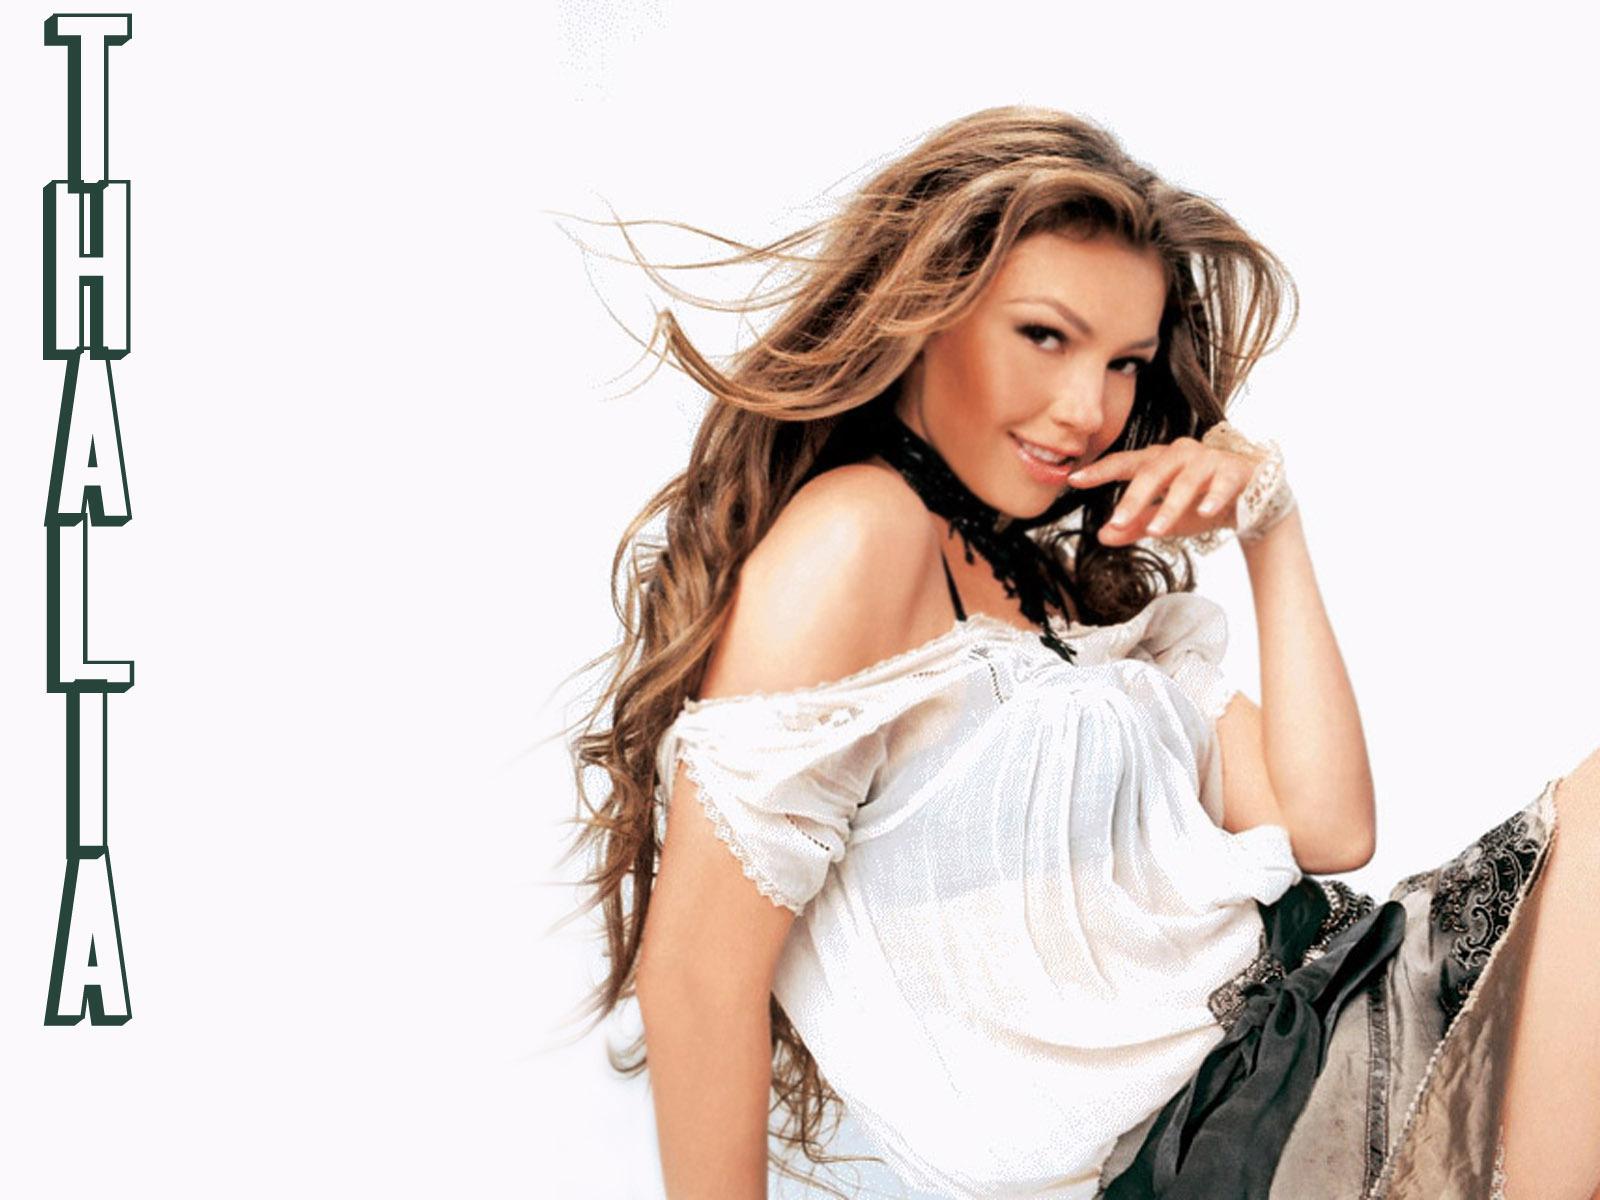 http://images4.fanpop.com/image/photos/20700000/Thalia-thalia-20736538-1600-1200.jpg